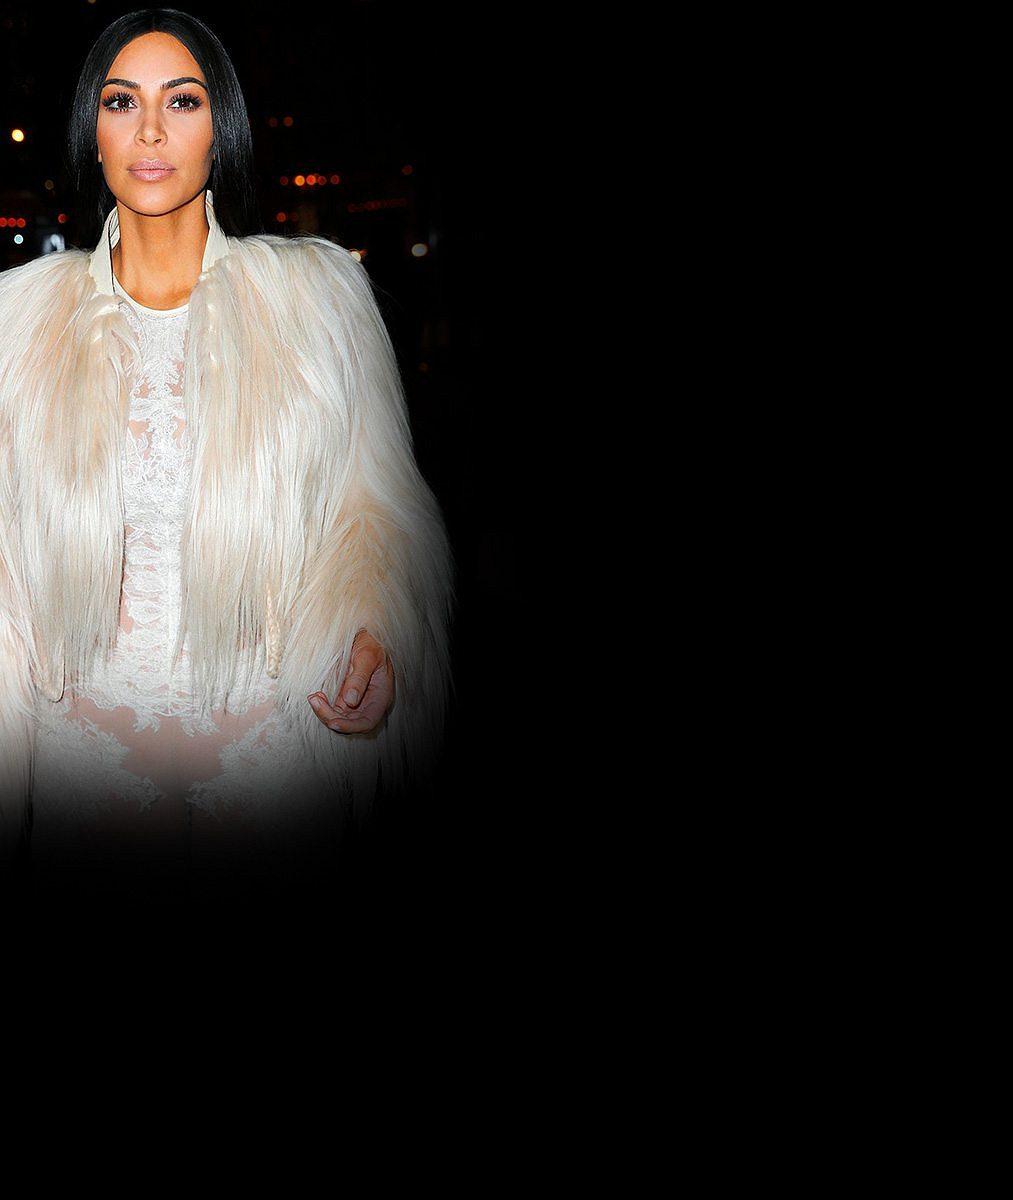 Exmanžel Mariah Carey sdílel fotku z roku 2006 s tehdejší přítelkyní Kim Kardashian. Vypadala úplně jinak!